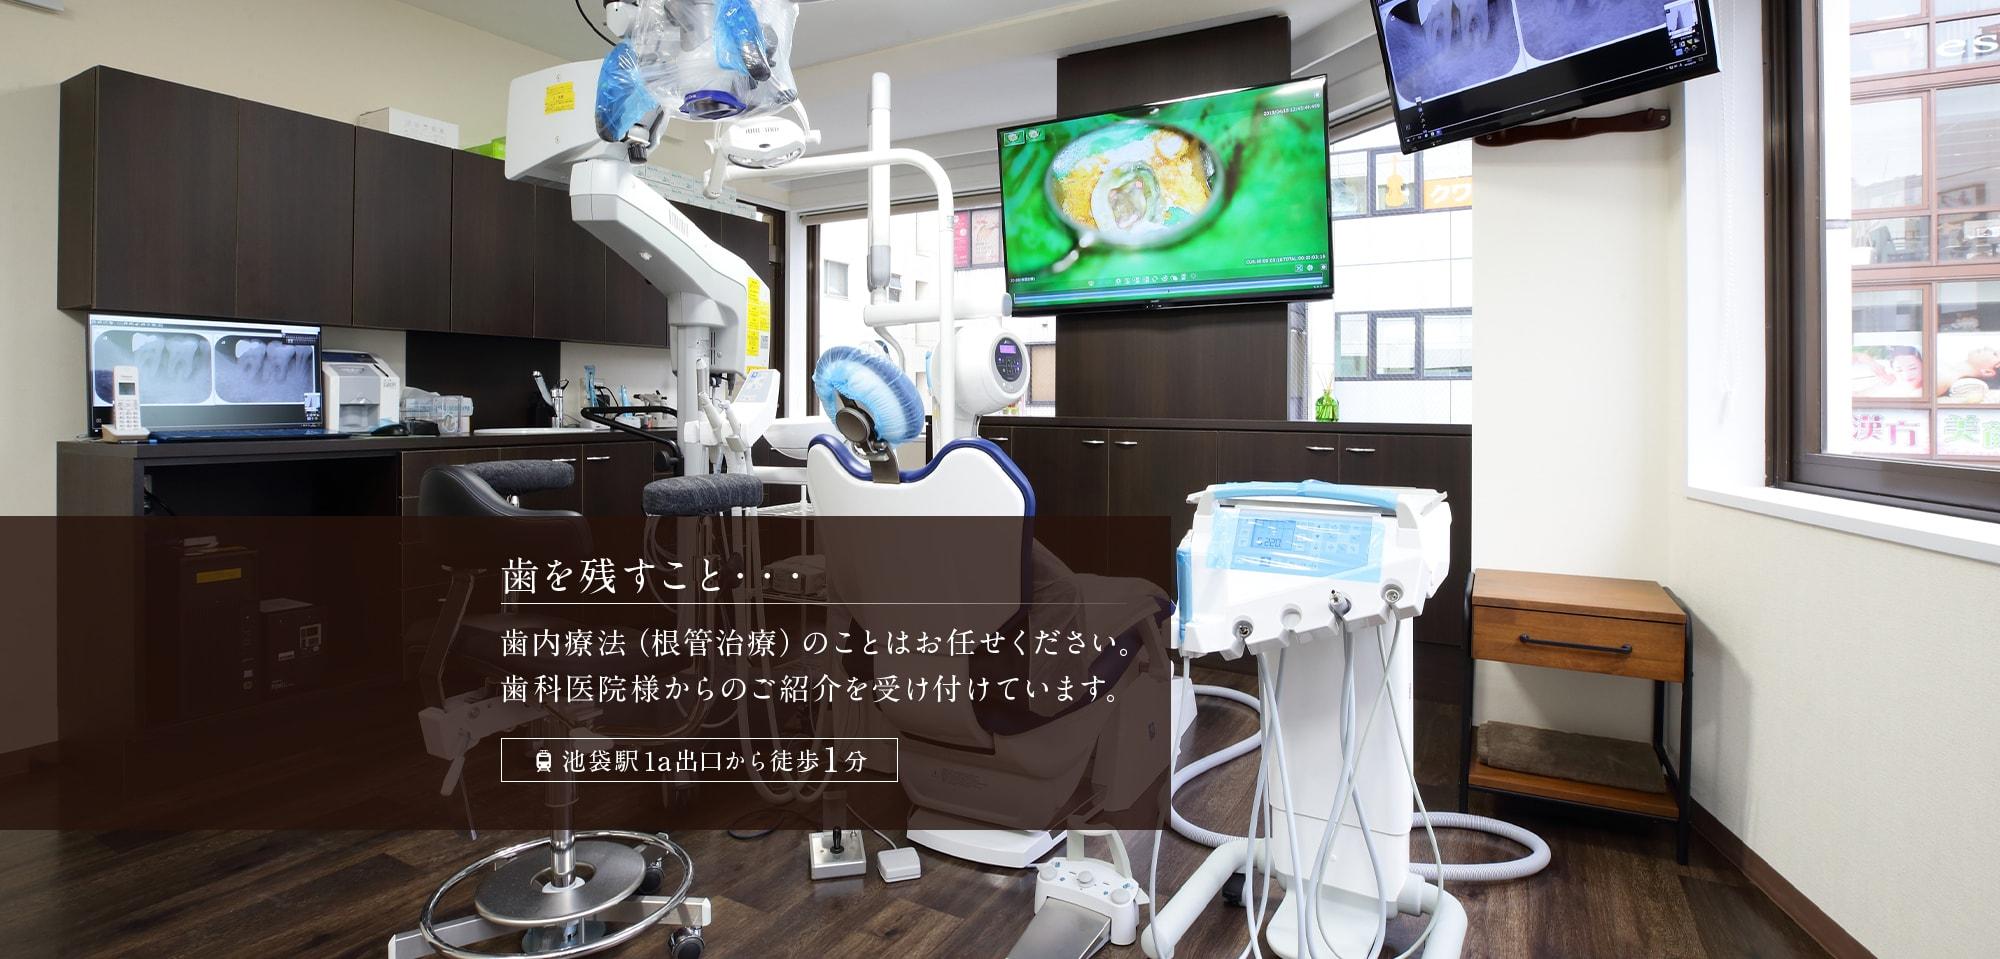 歯を残すこと・・・歯内療法(根管治療)のことはお任せください。歯科医院様からのご紹介を受け付けています。